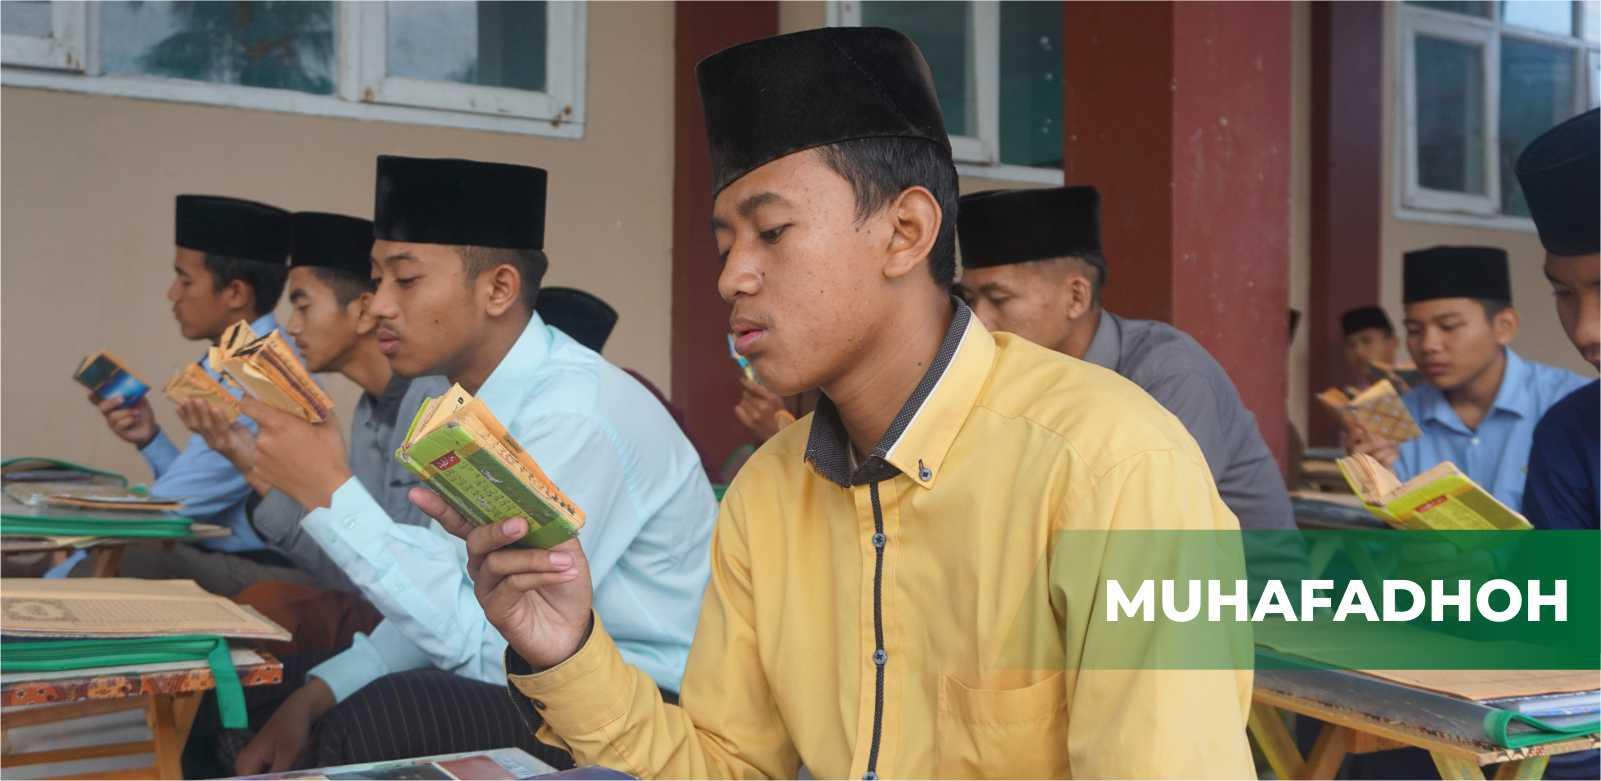 MUHAFADOH